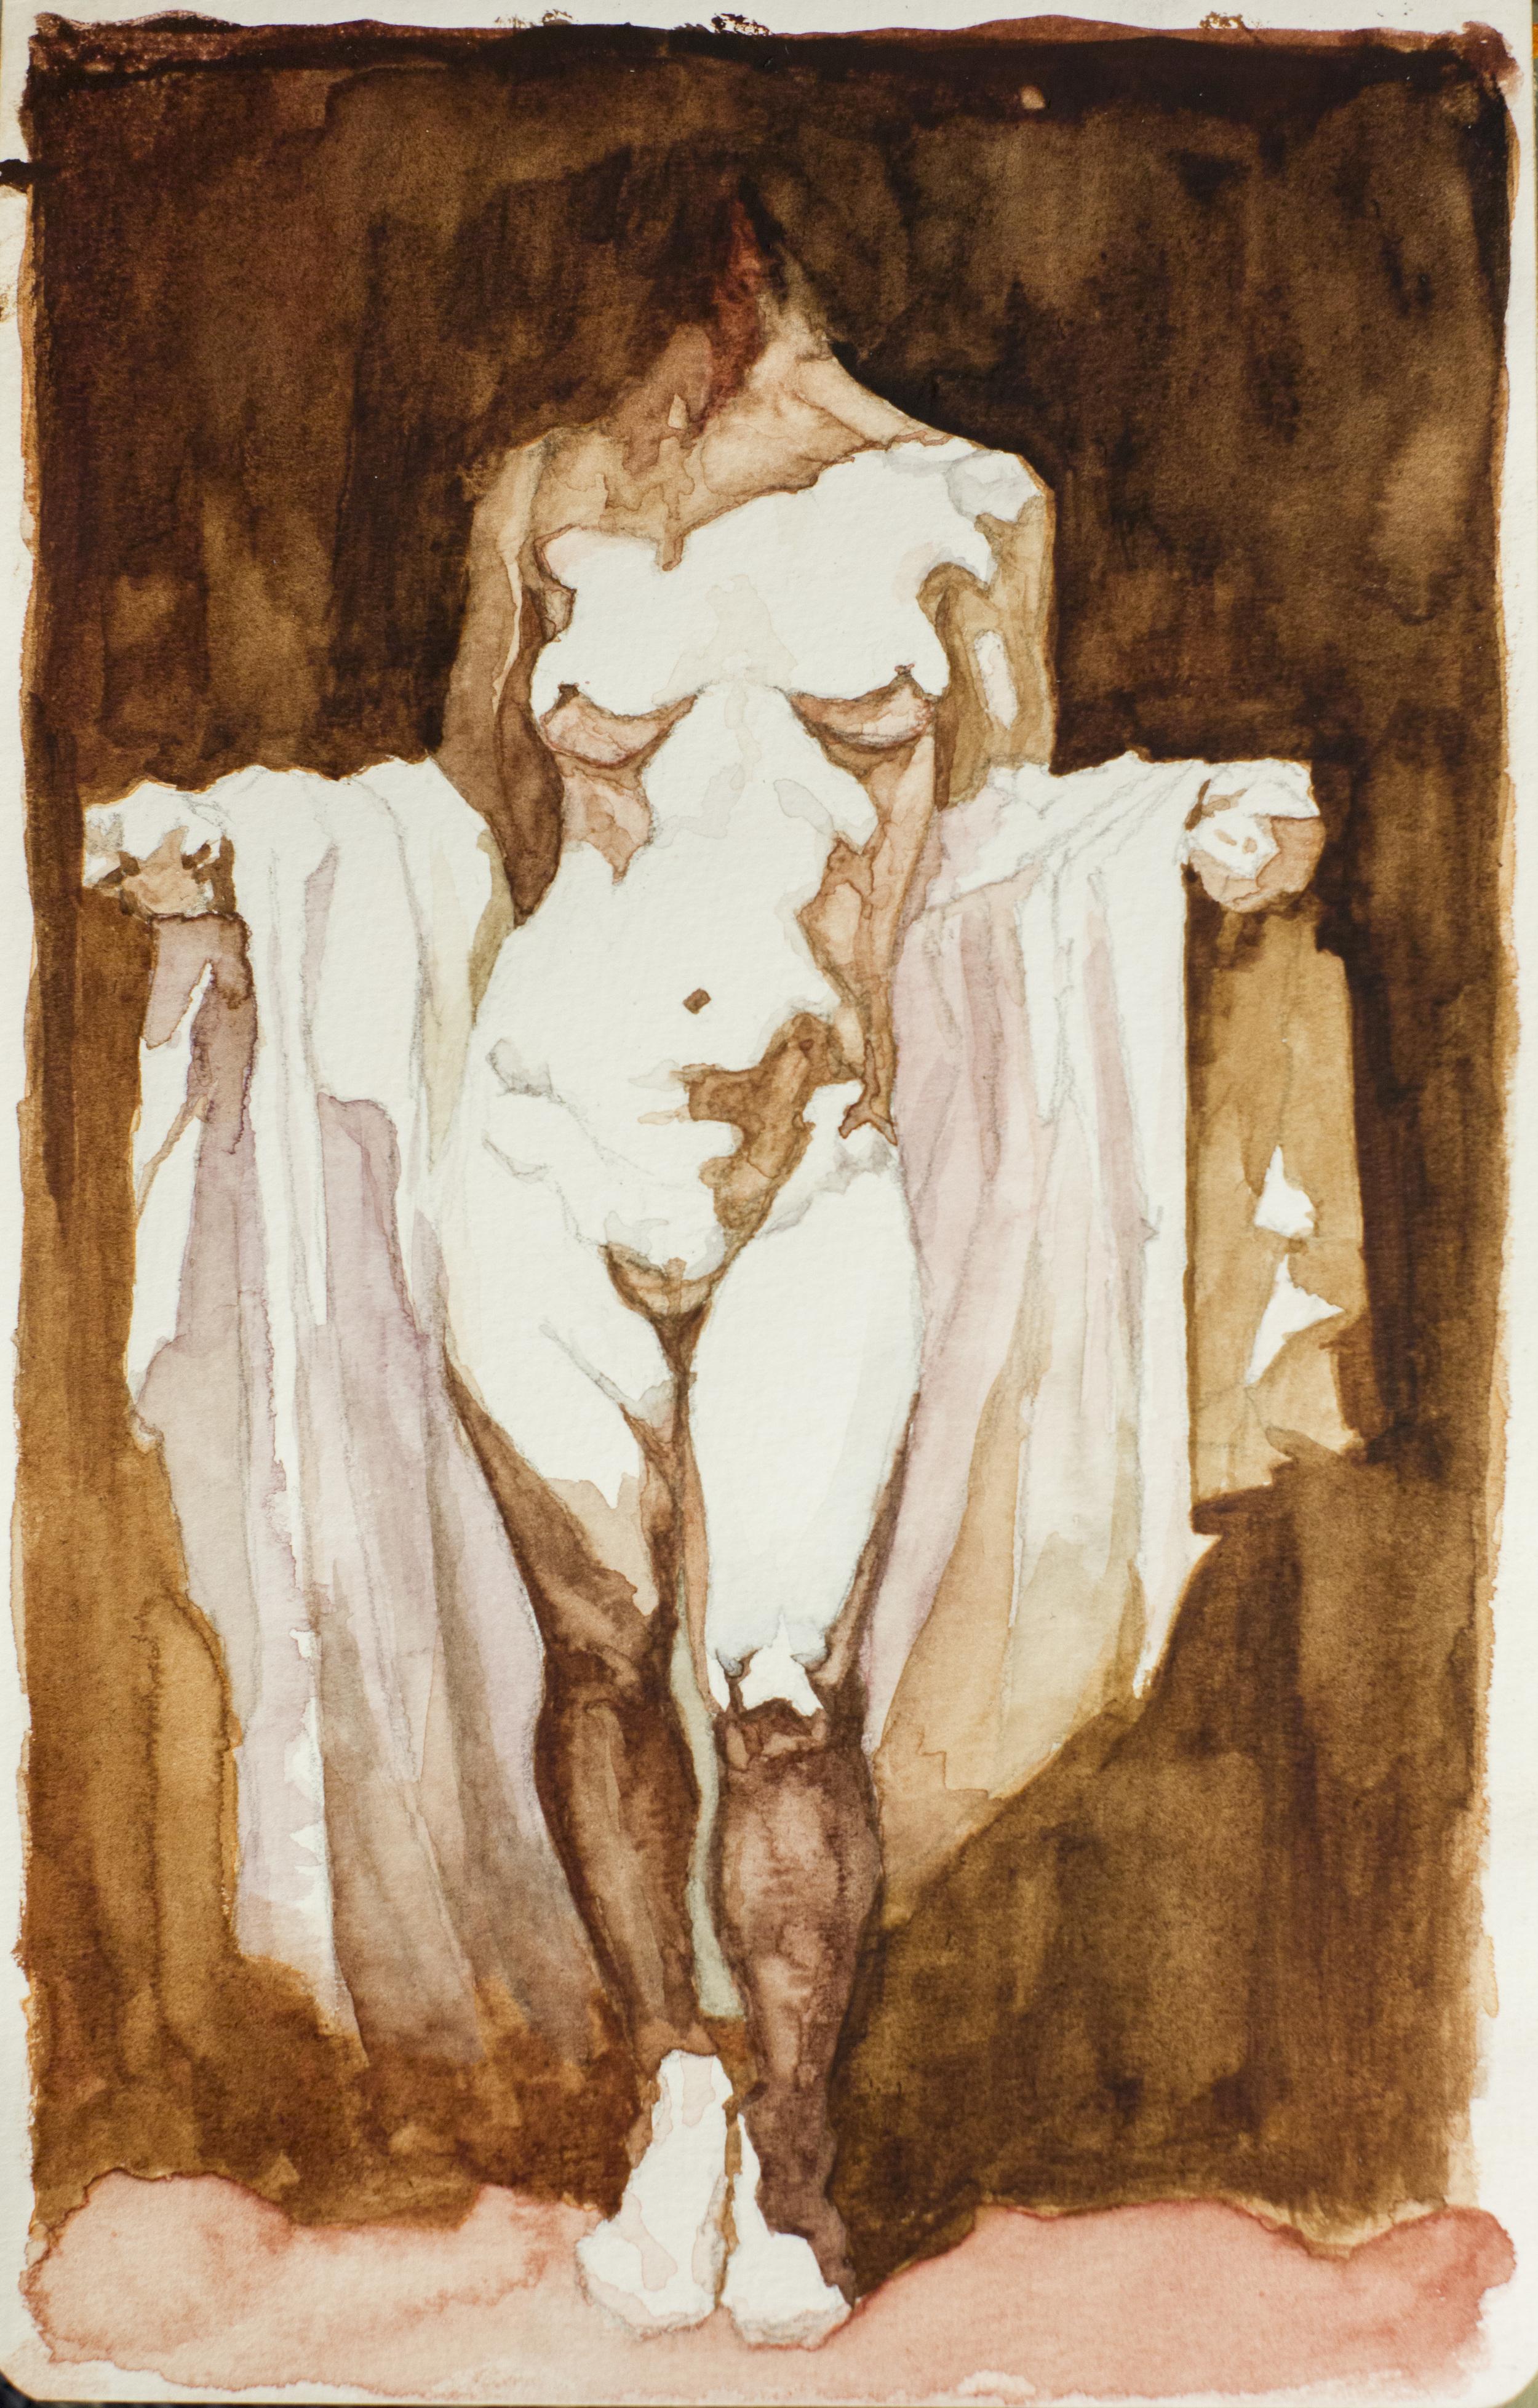 """""""Maledizione di venere""""- 5"""" x 8""""watercolor on paper, Roberto Ferri copy. 2013"""